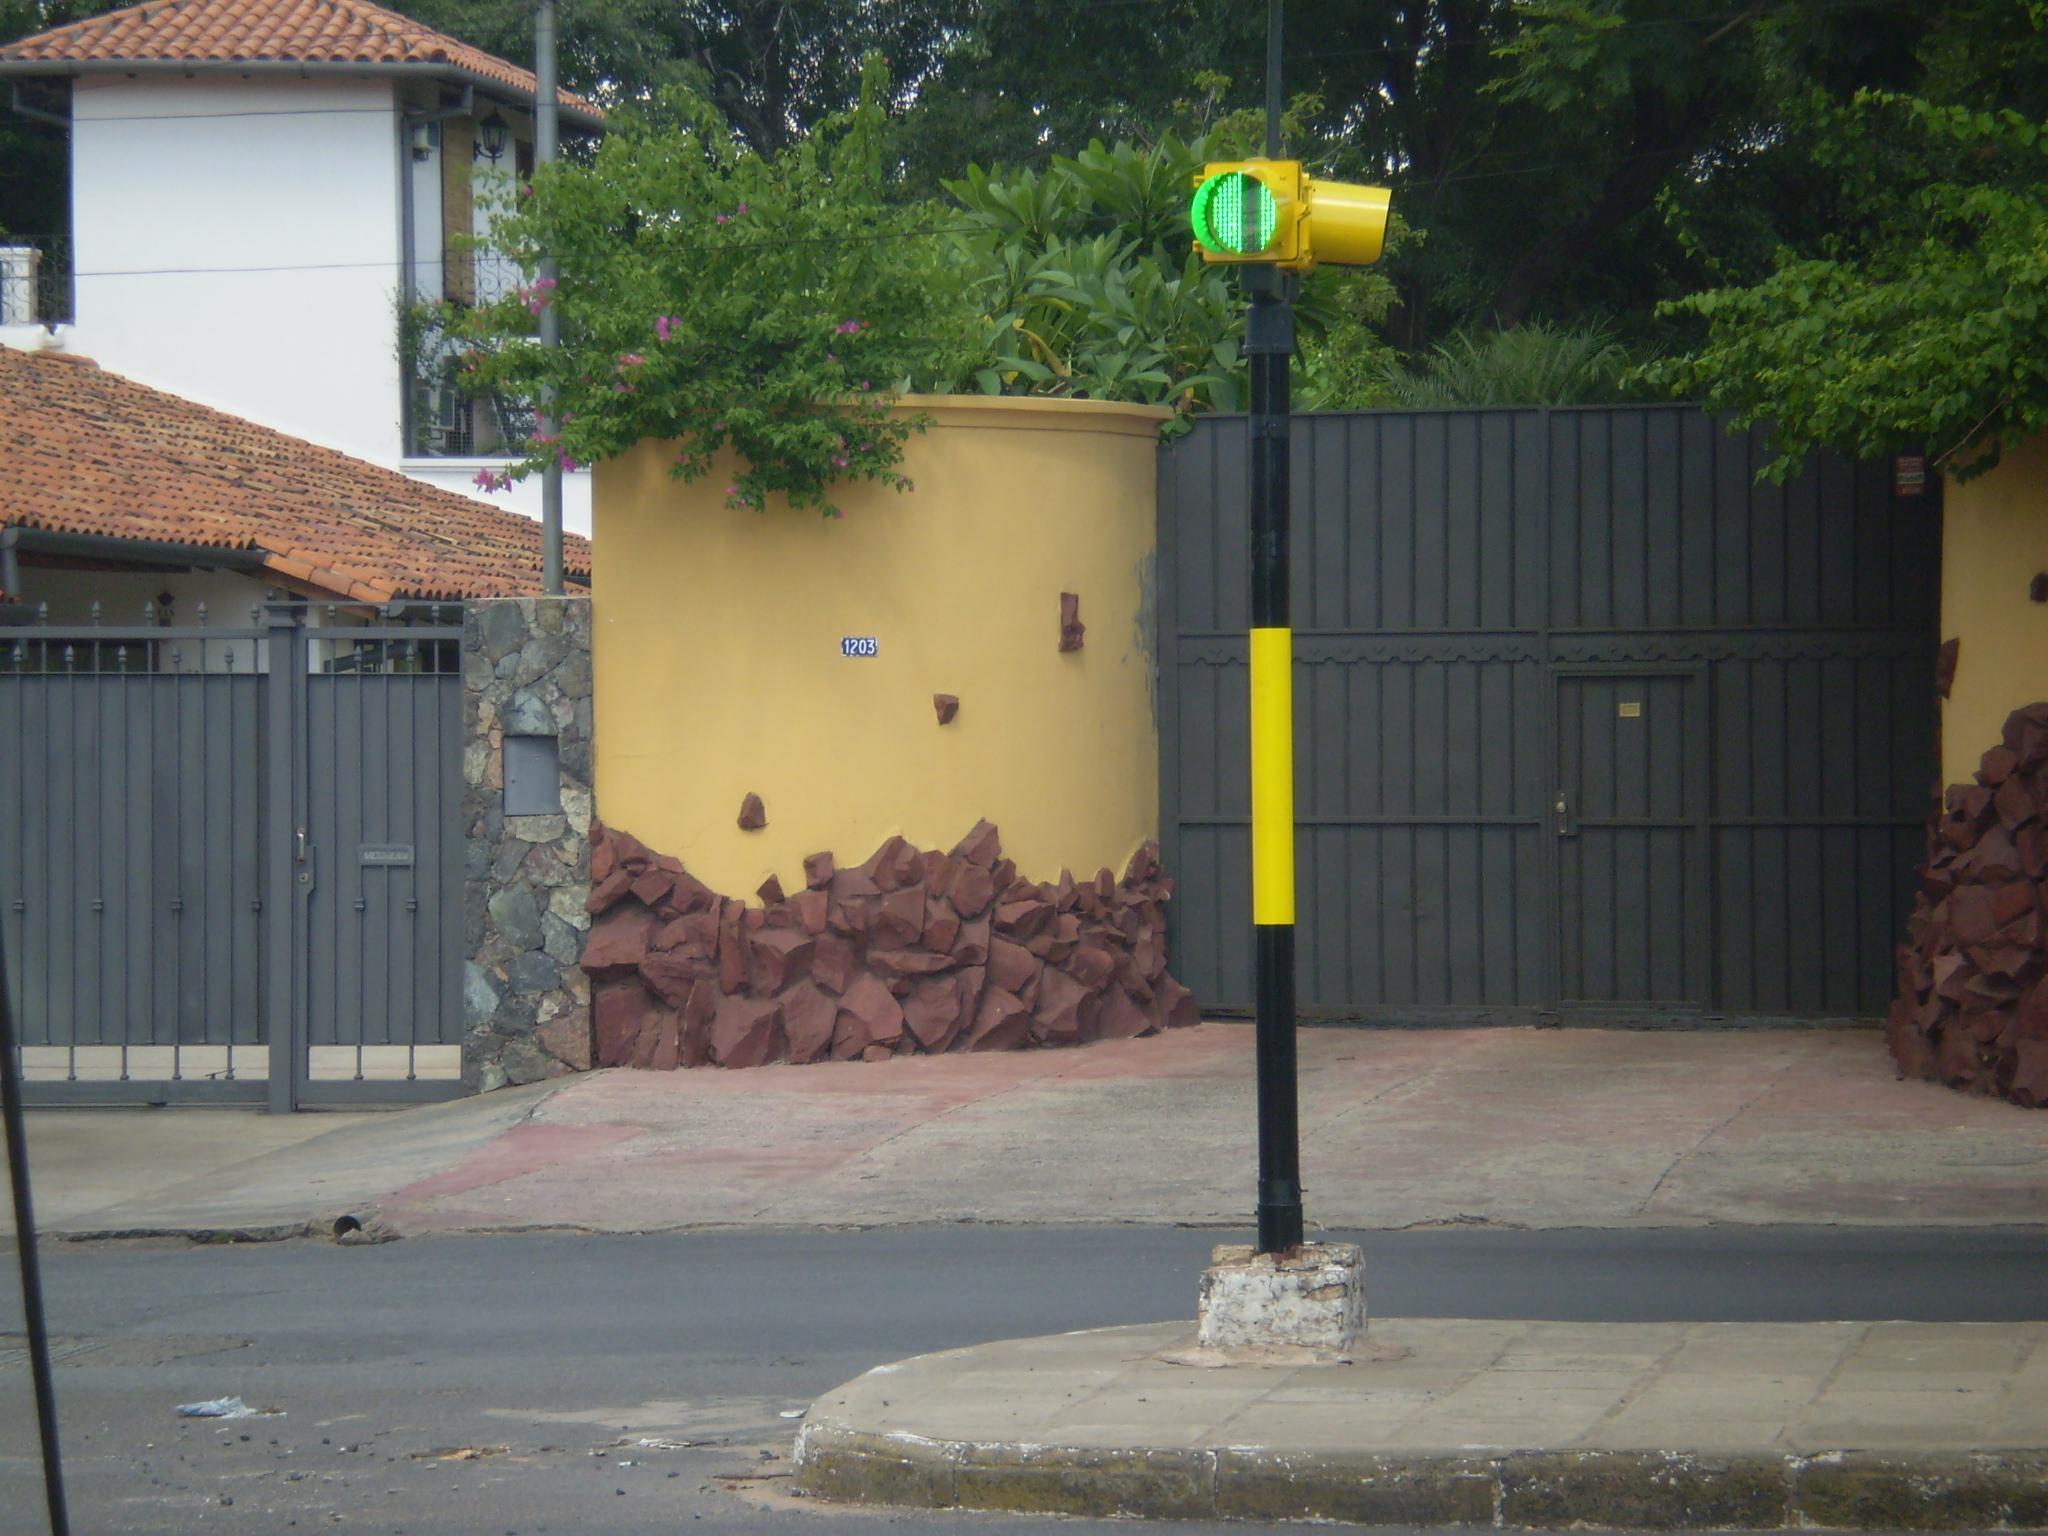 SEMAFORO LAS PALMERAS Y RCA. ARG1